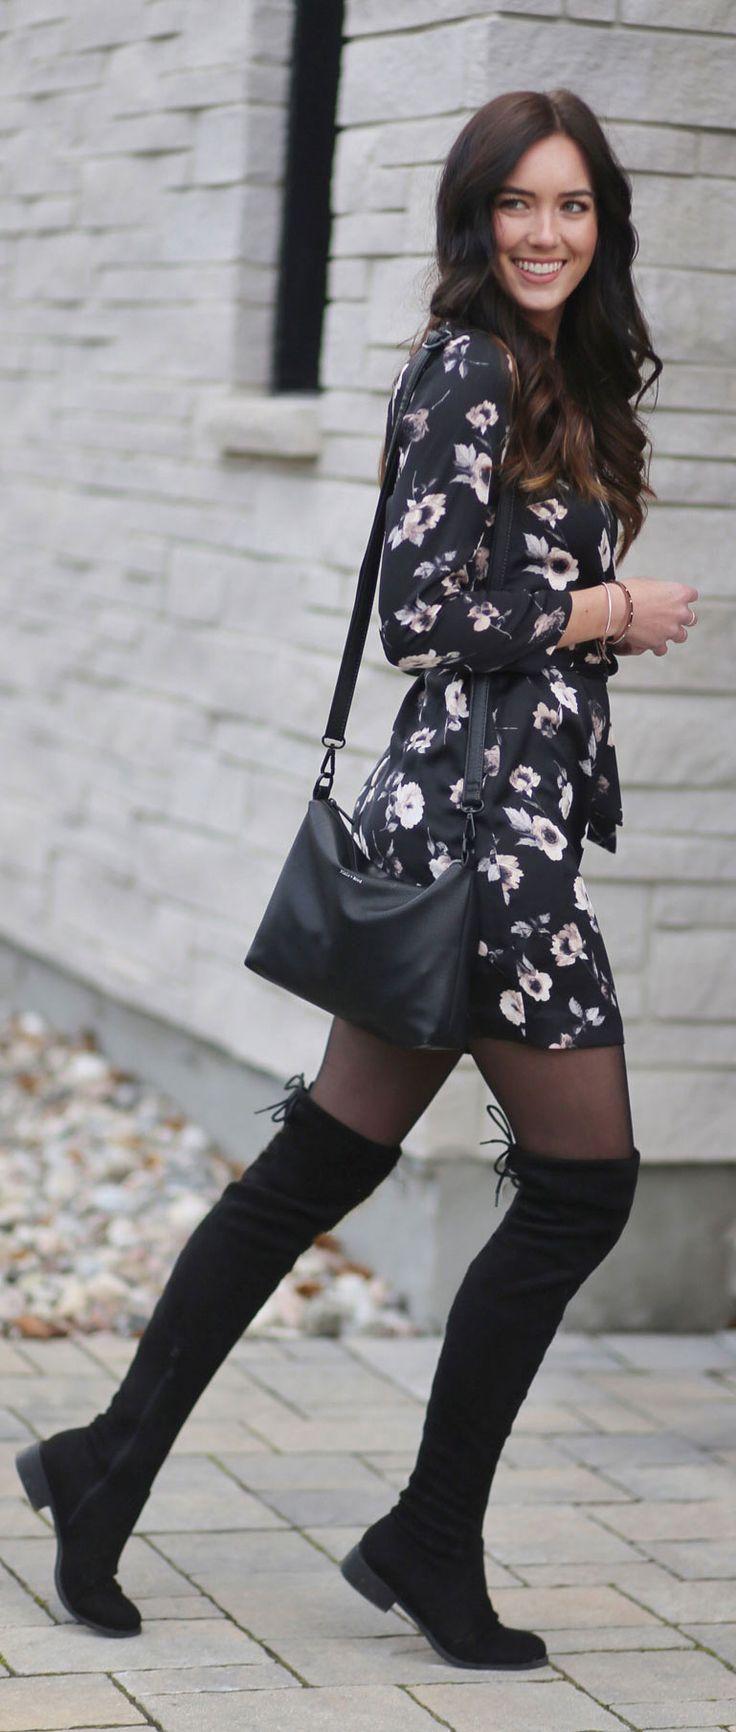 Fall's IT trend: the satin dress!